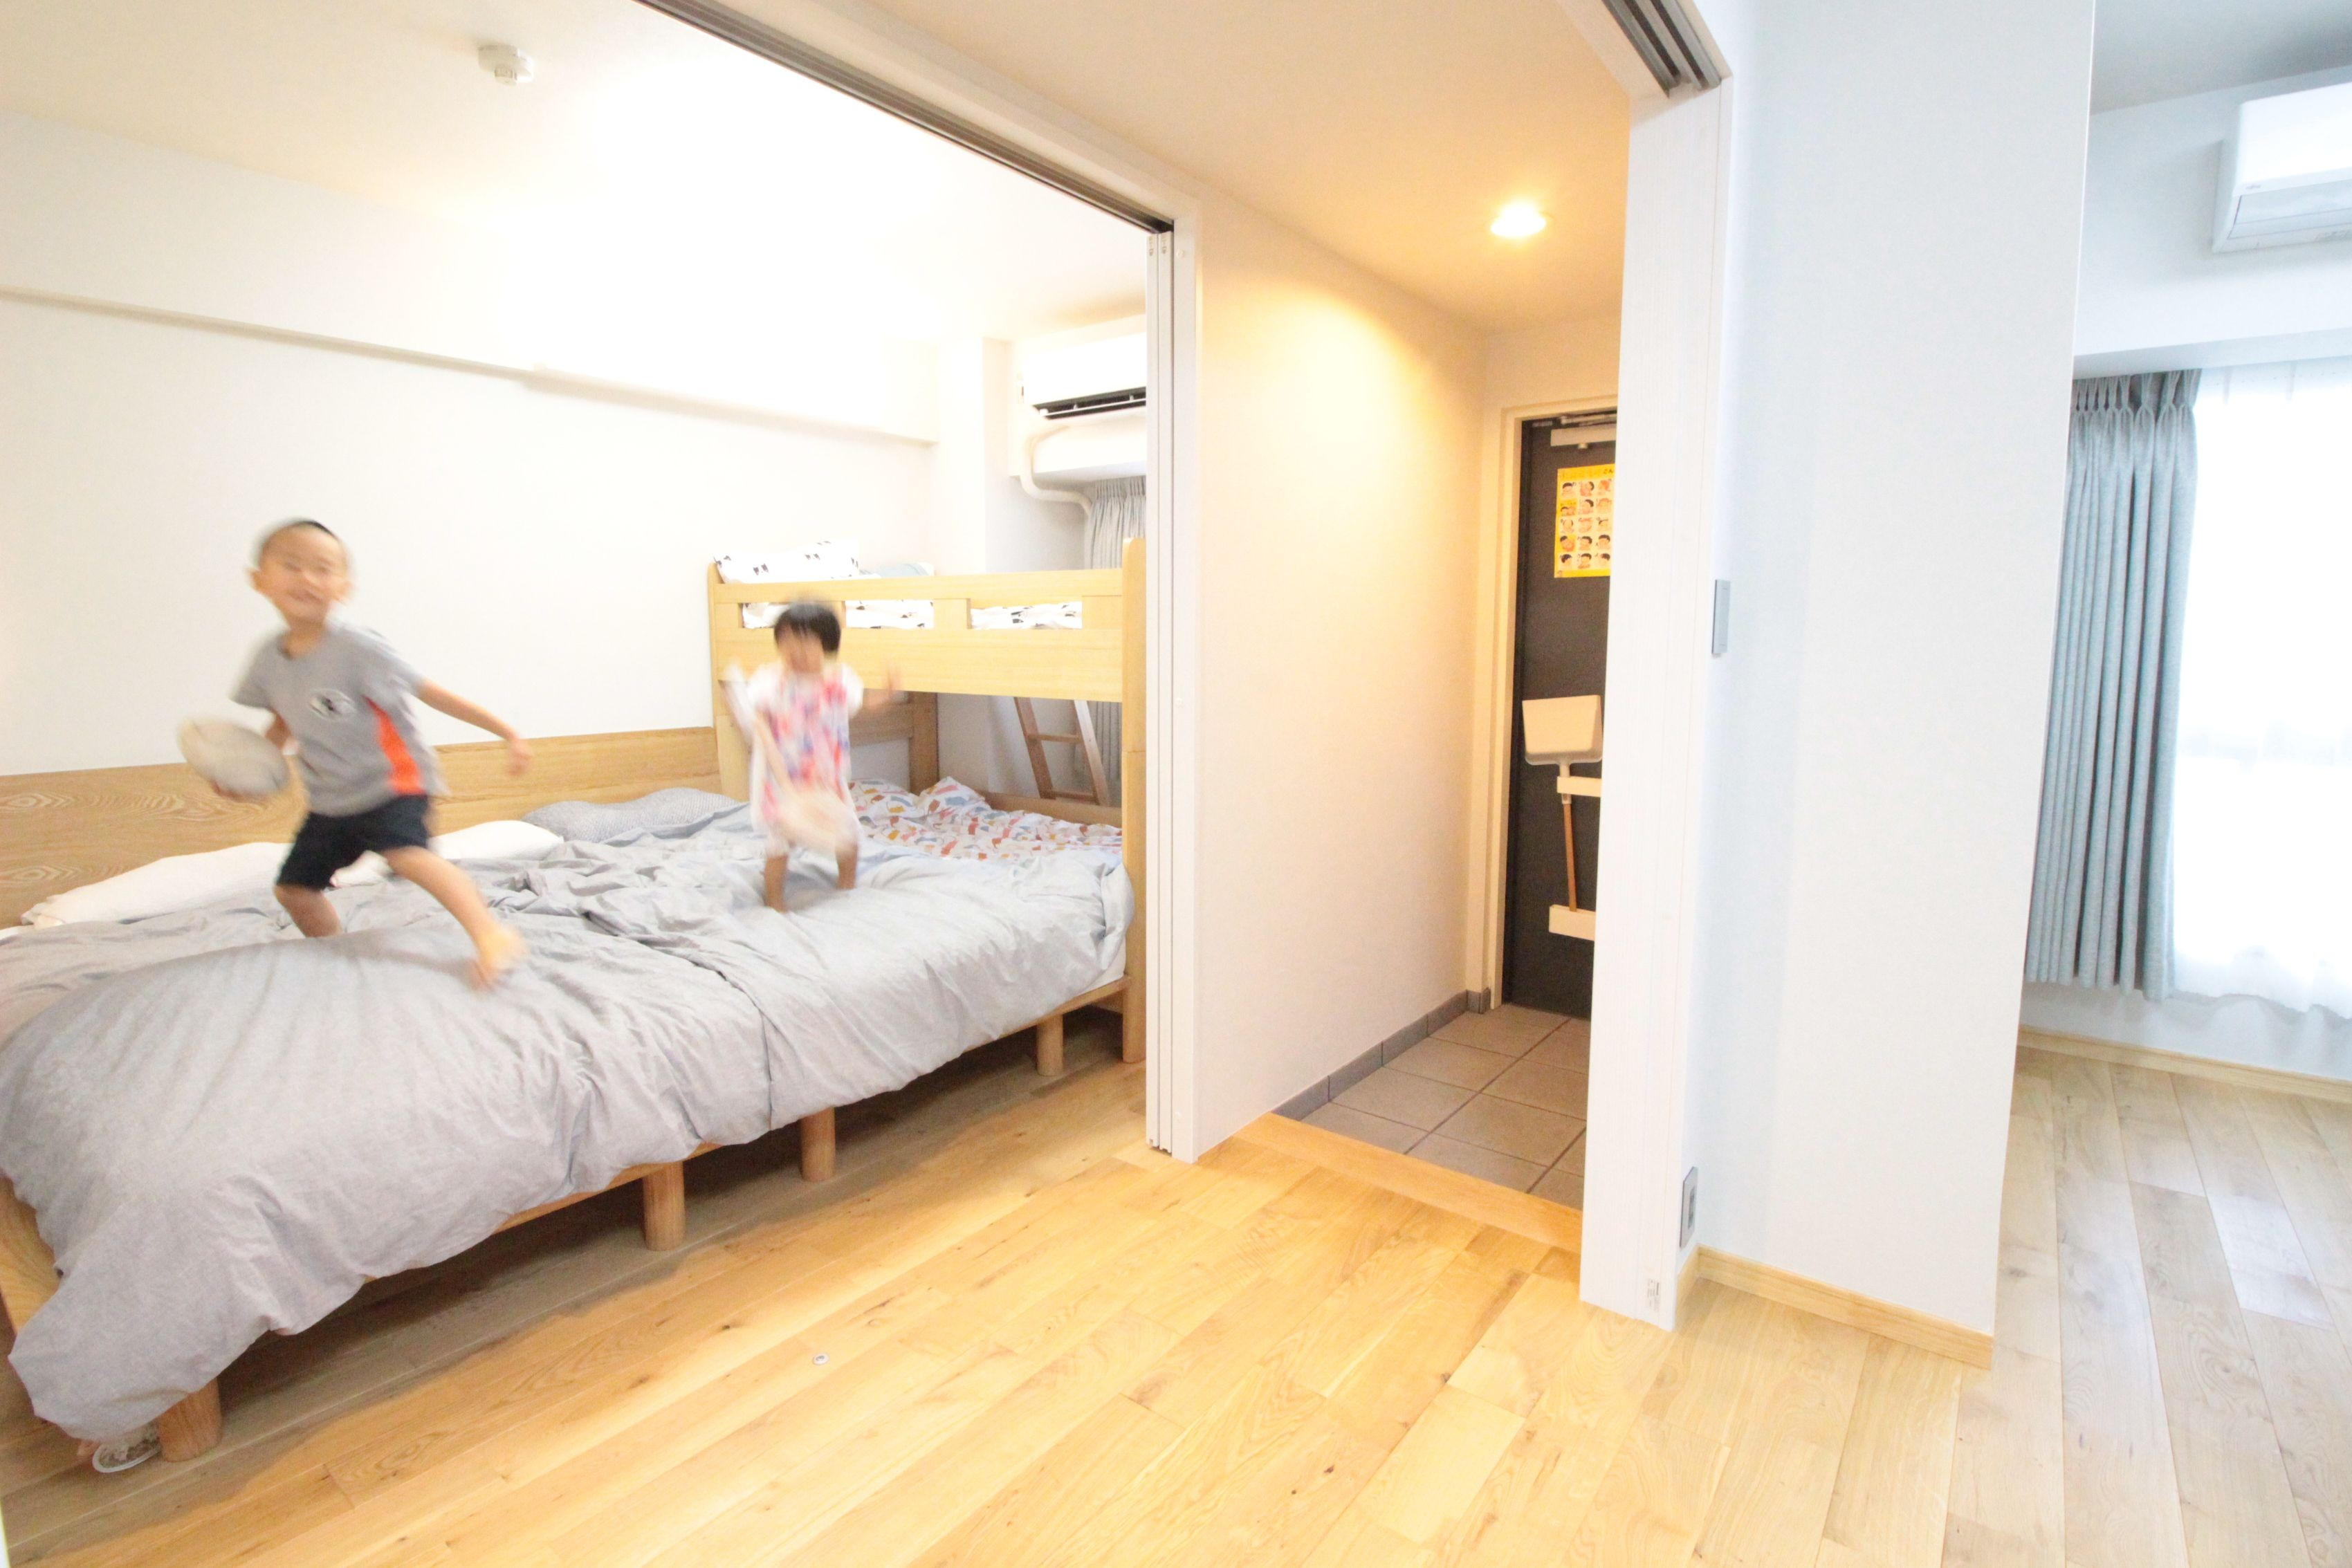 ベッドルーム事例:まるでリビングのような寝室&子供部屋(回遊性で家事ラク!開放感で子どもが喜ぶ間取りに!)